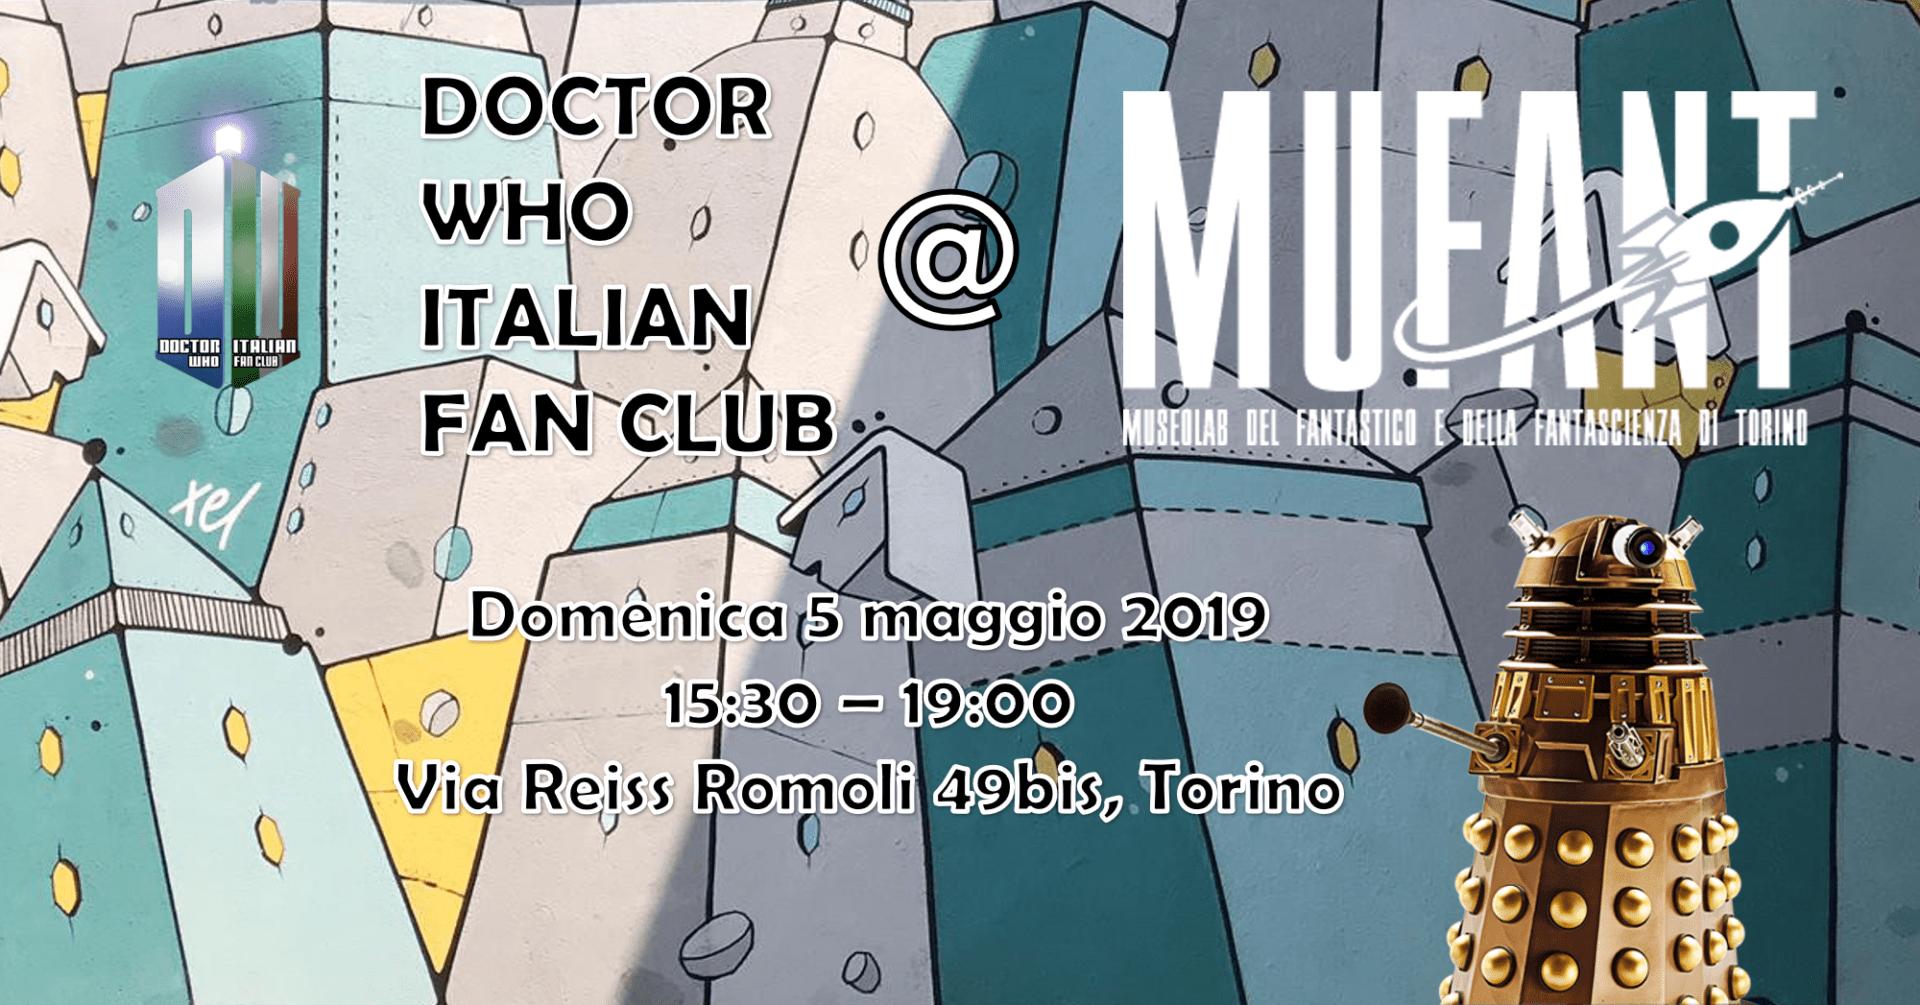 Doctor Who Italian Fan Club